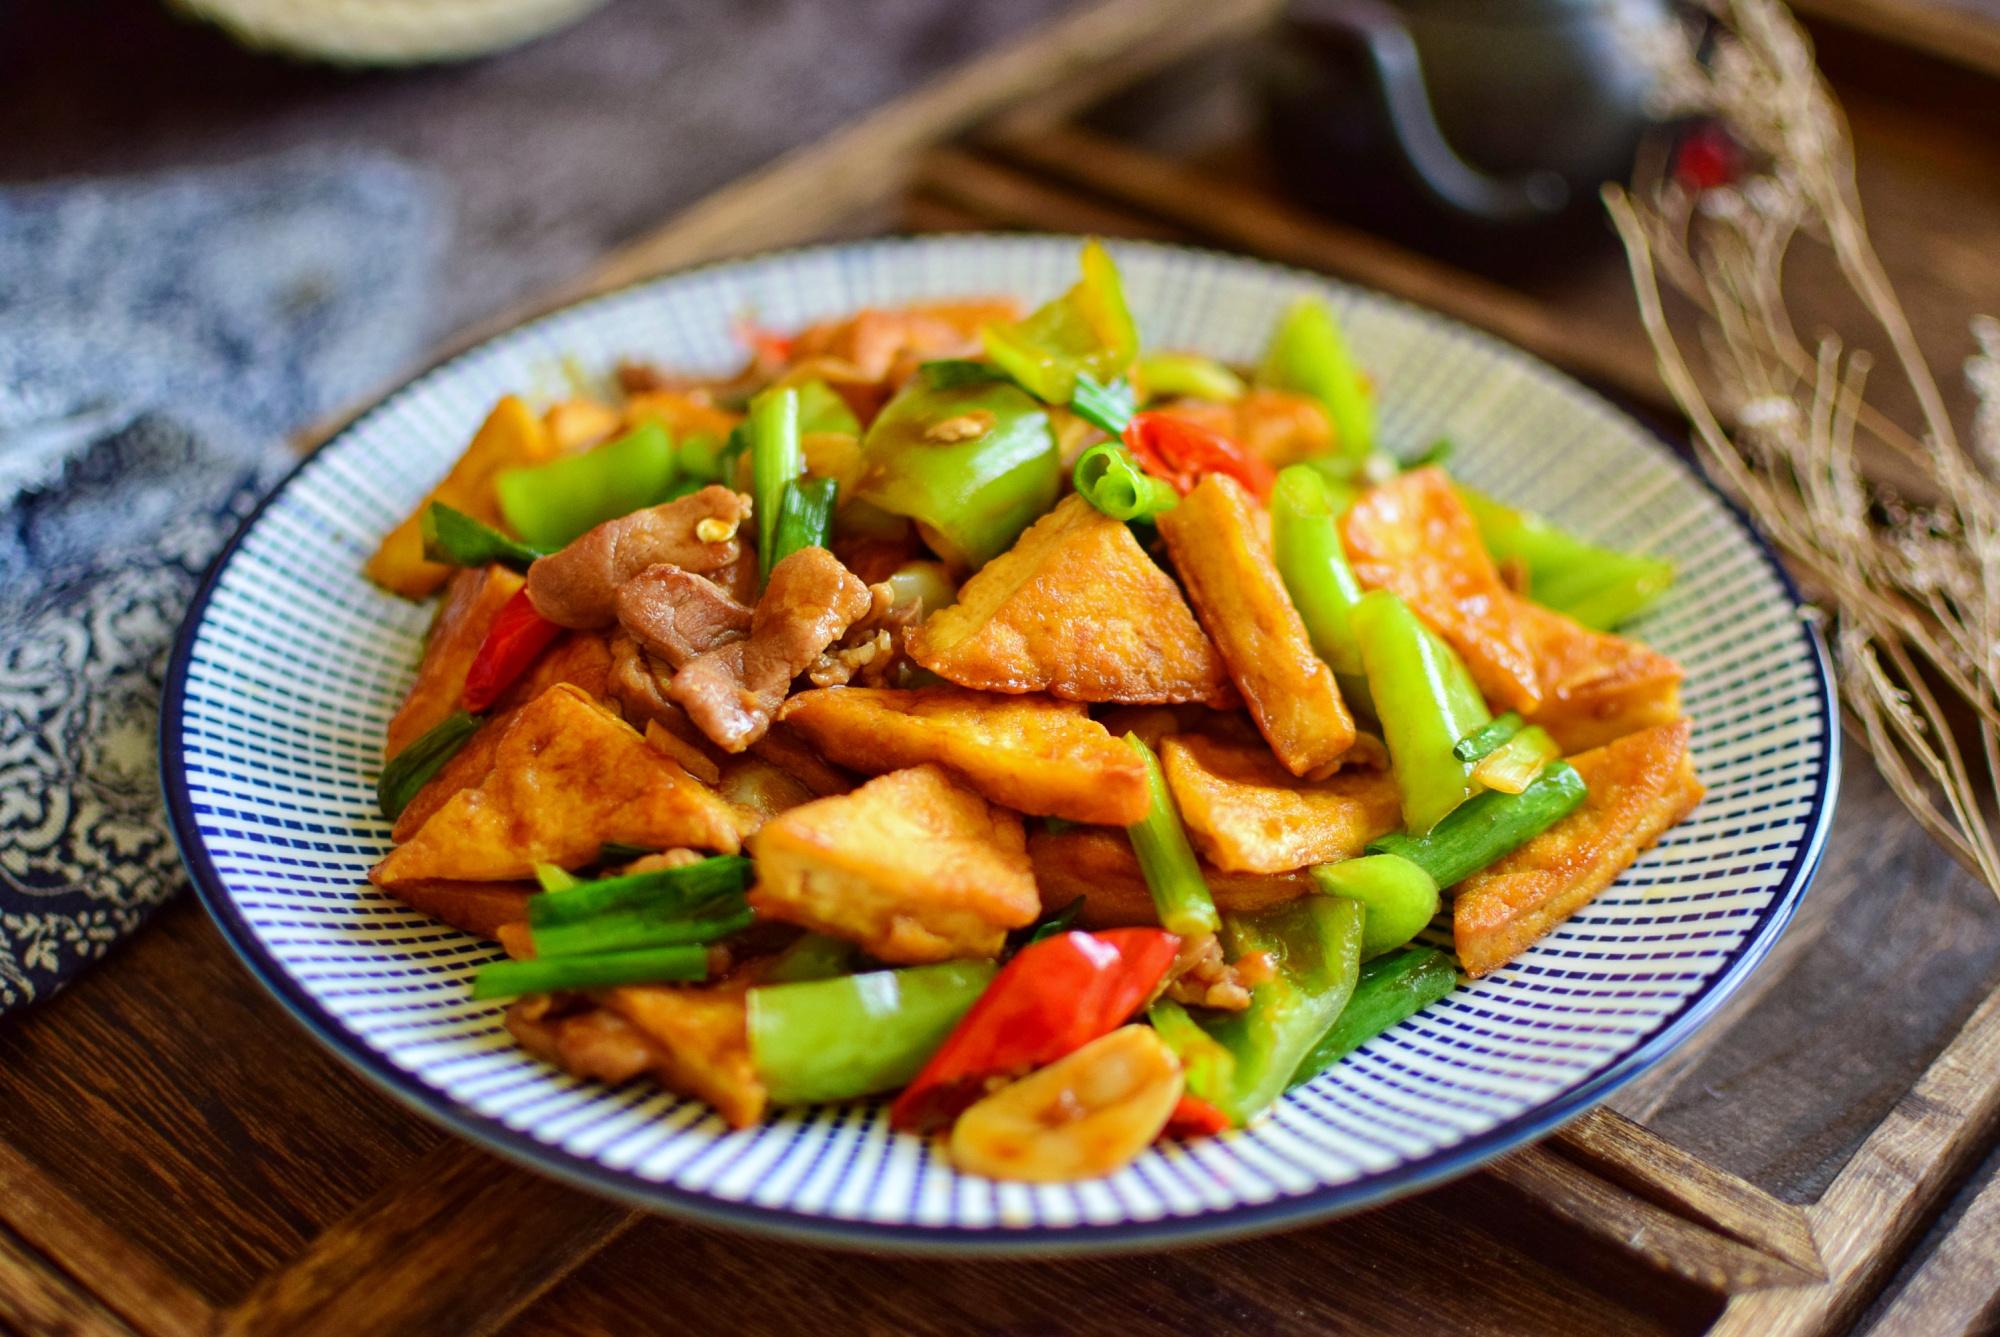 豆腐这样做,超香超入味,盘底都能舔个精光,不会做就真亏了